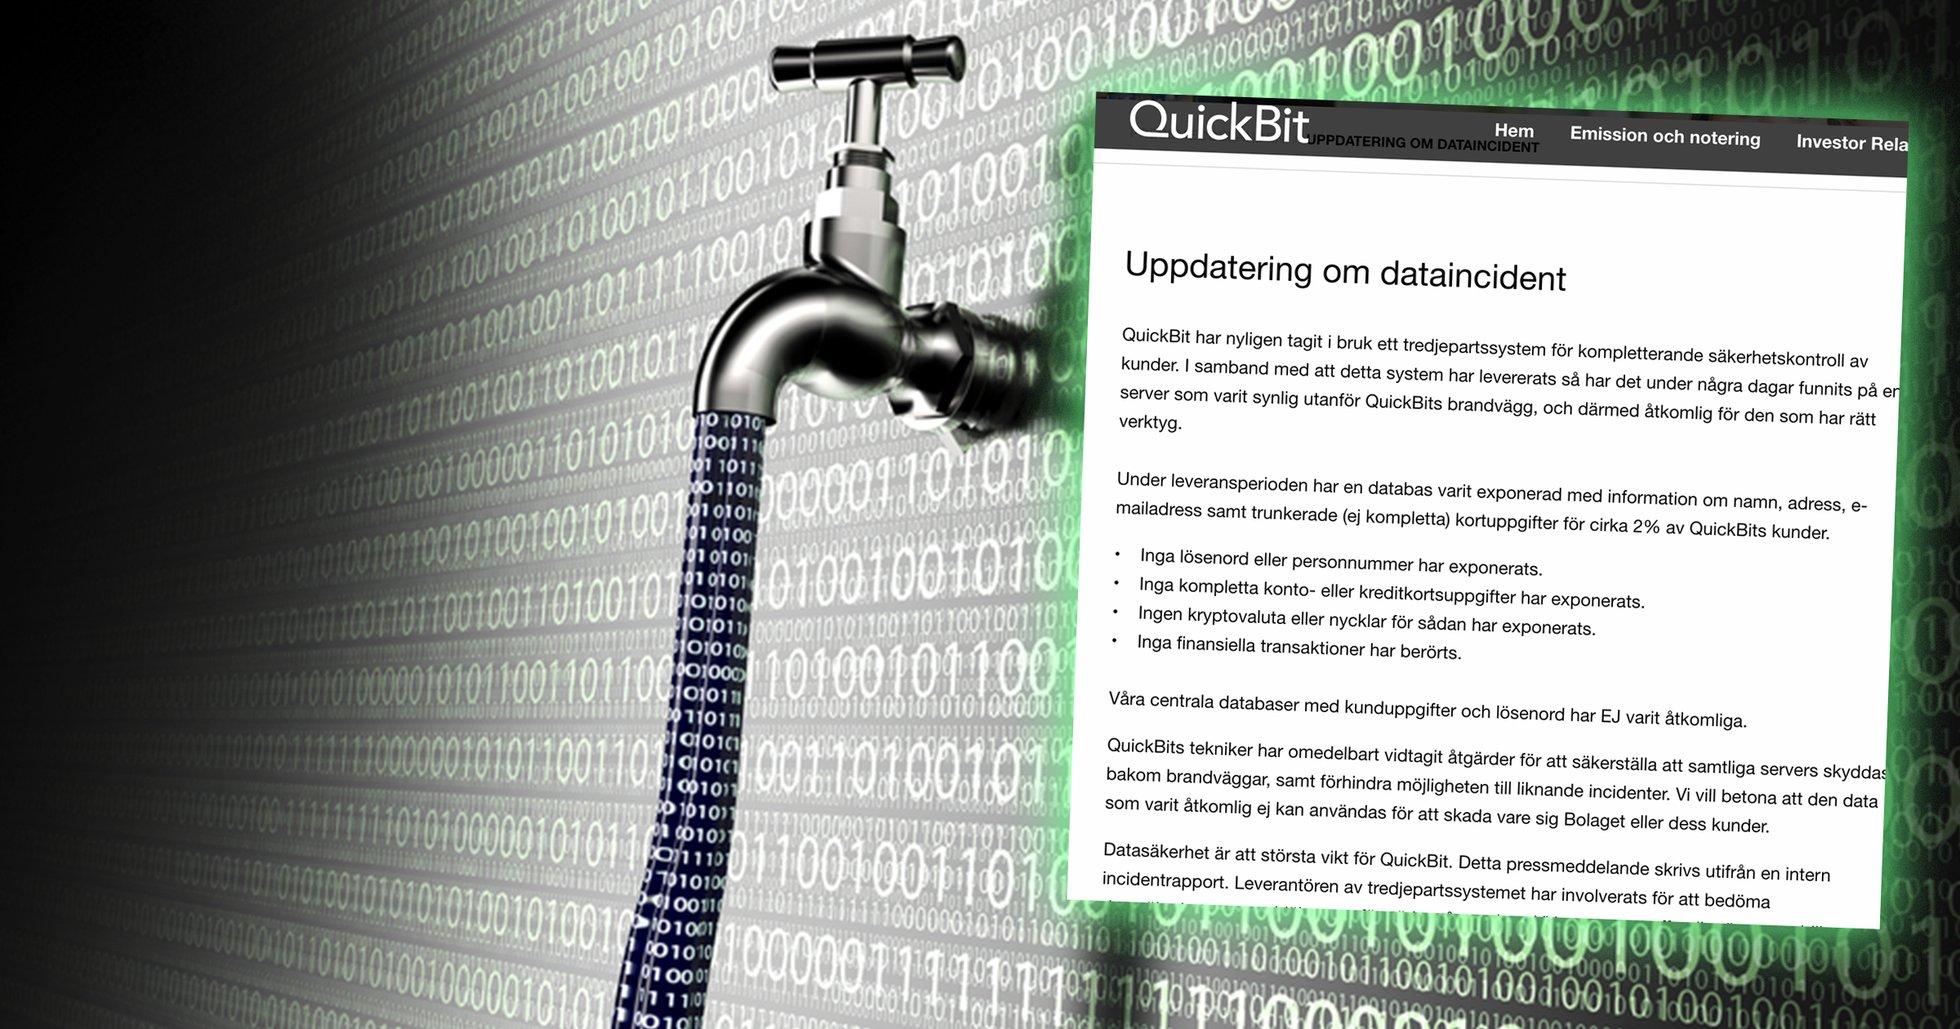 Svenska kryptobolagets blunder: Uppemot 300 000 användares uppgifter förvarades helt öppet